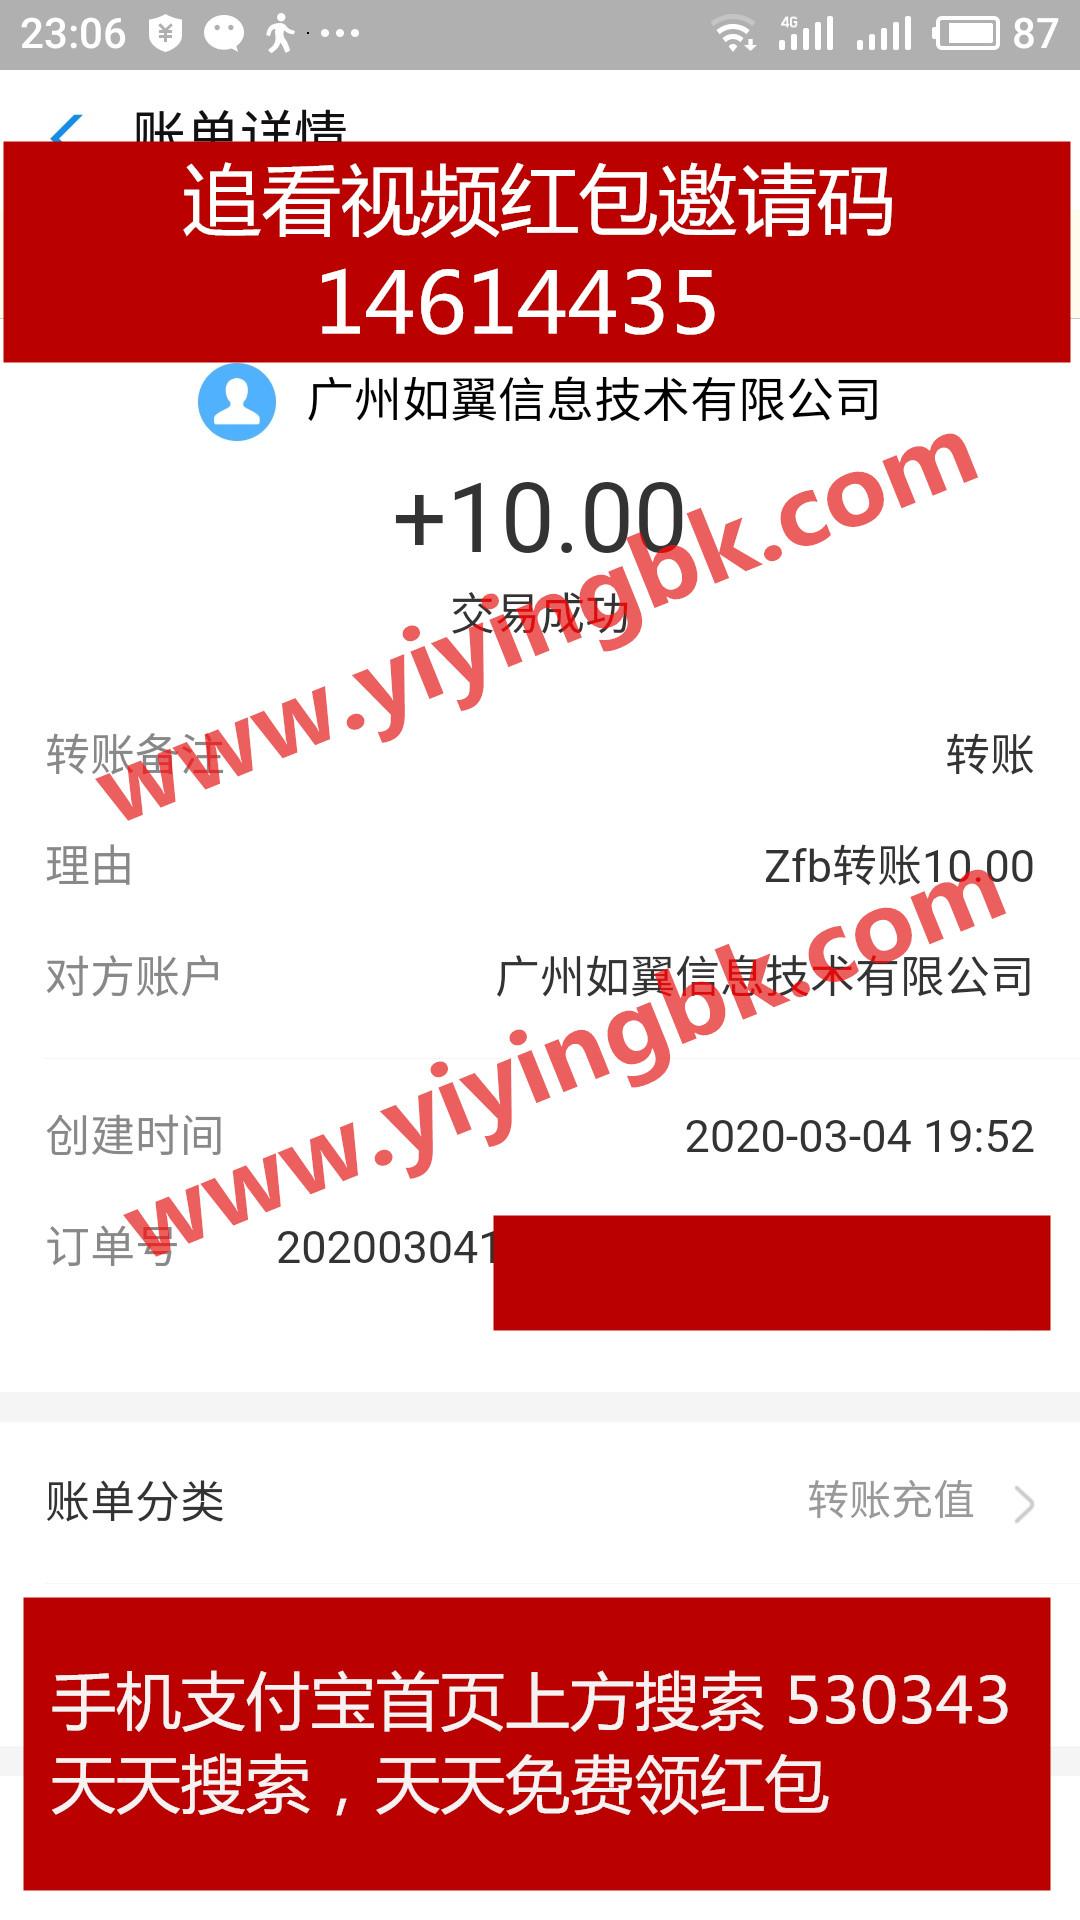 免费看电影,看电视剧,看直播,看动画片,看动漫,还能领红包赚零花钱,支付宝提现10元快速支付到账。www.yiyingbk.com